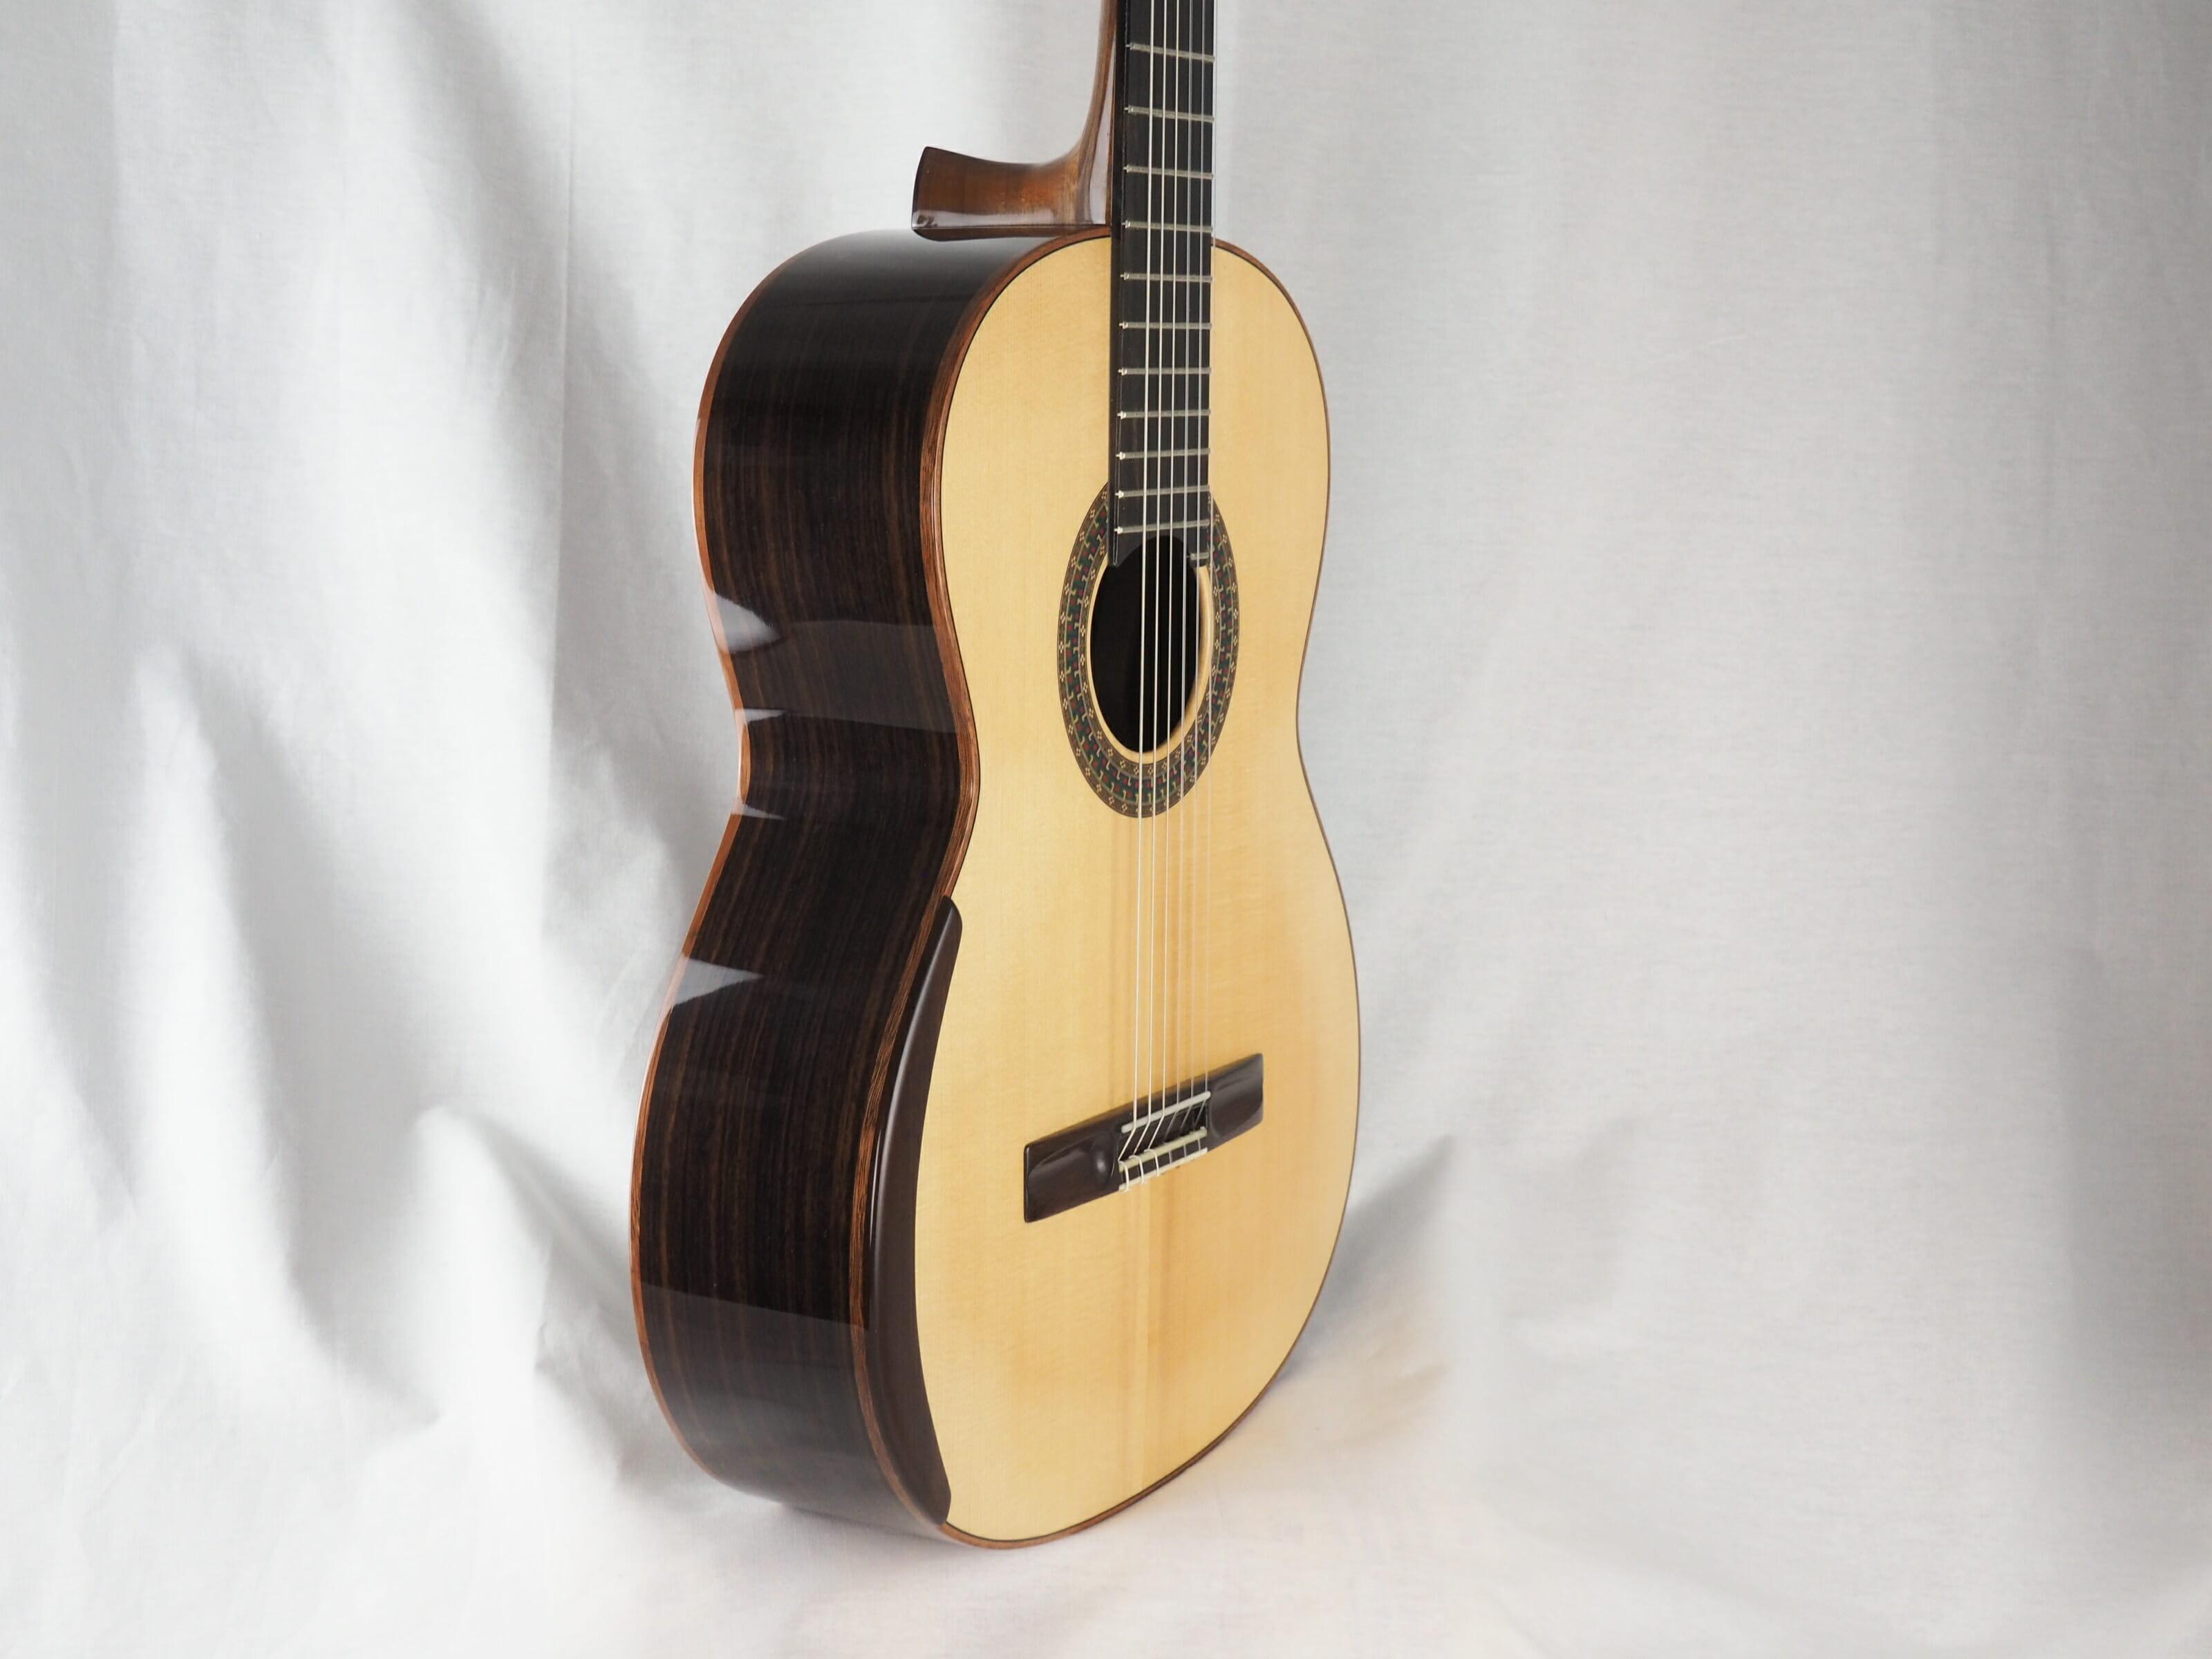 Luthier Simon Marty guitare classique 2019 19MAR019-06